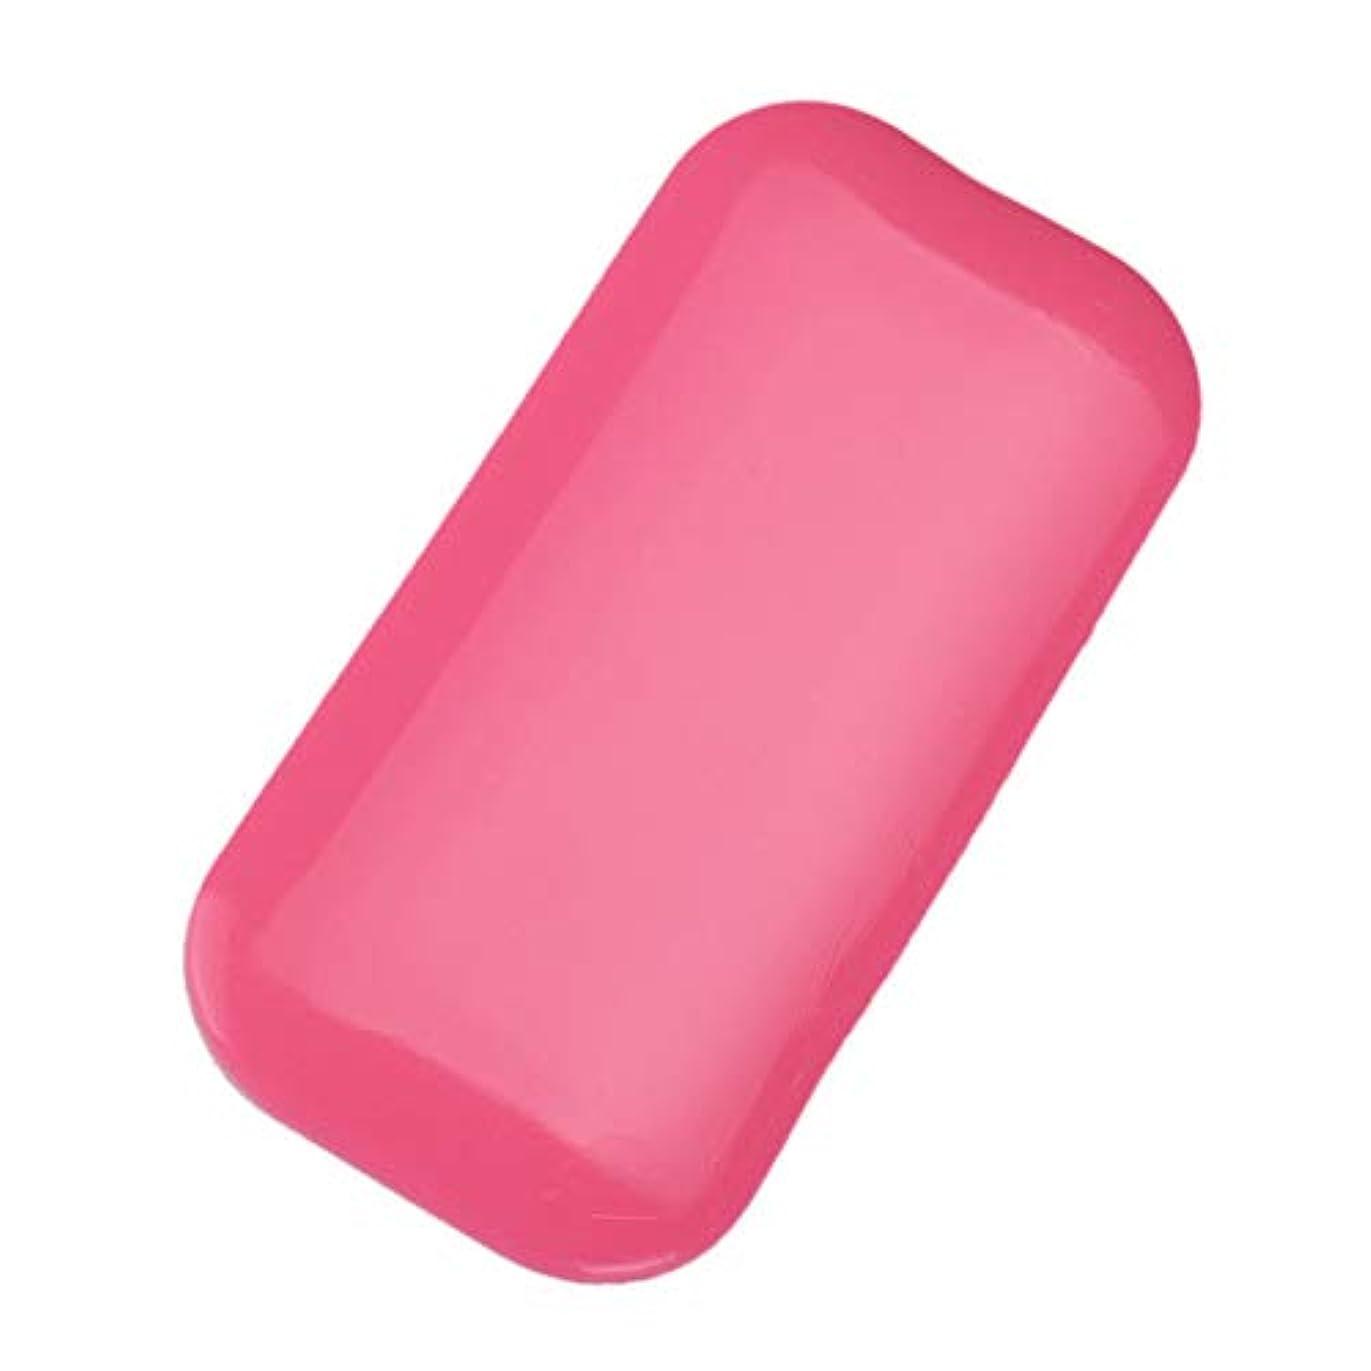 一般水分フリンジ化粧品のシリコーンの再使用可能なまつげのパッドパレット立場??は緩い延長をします